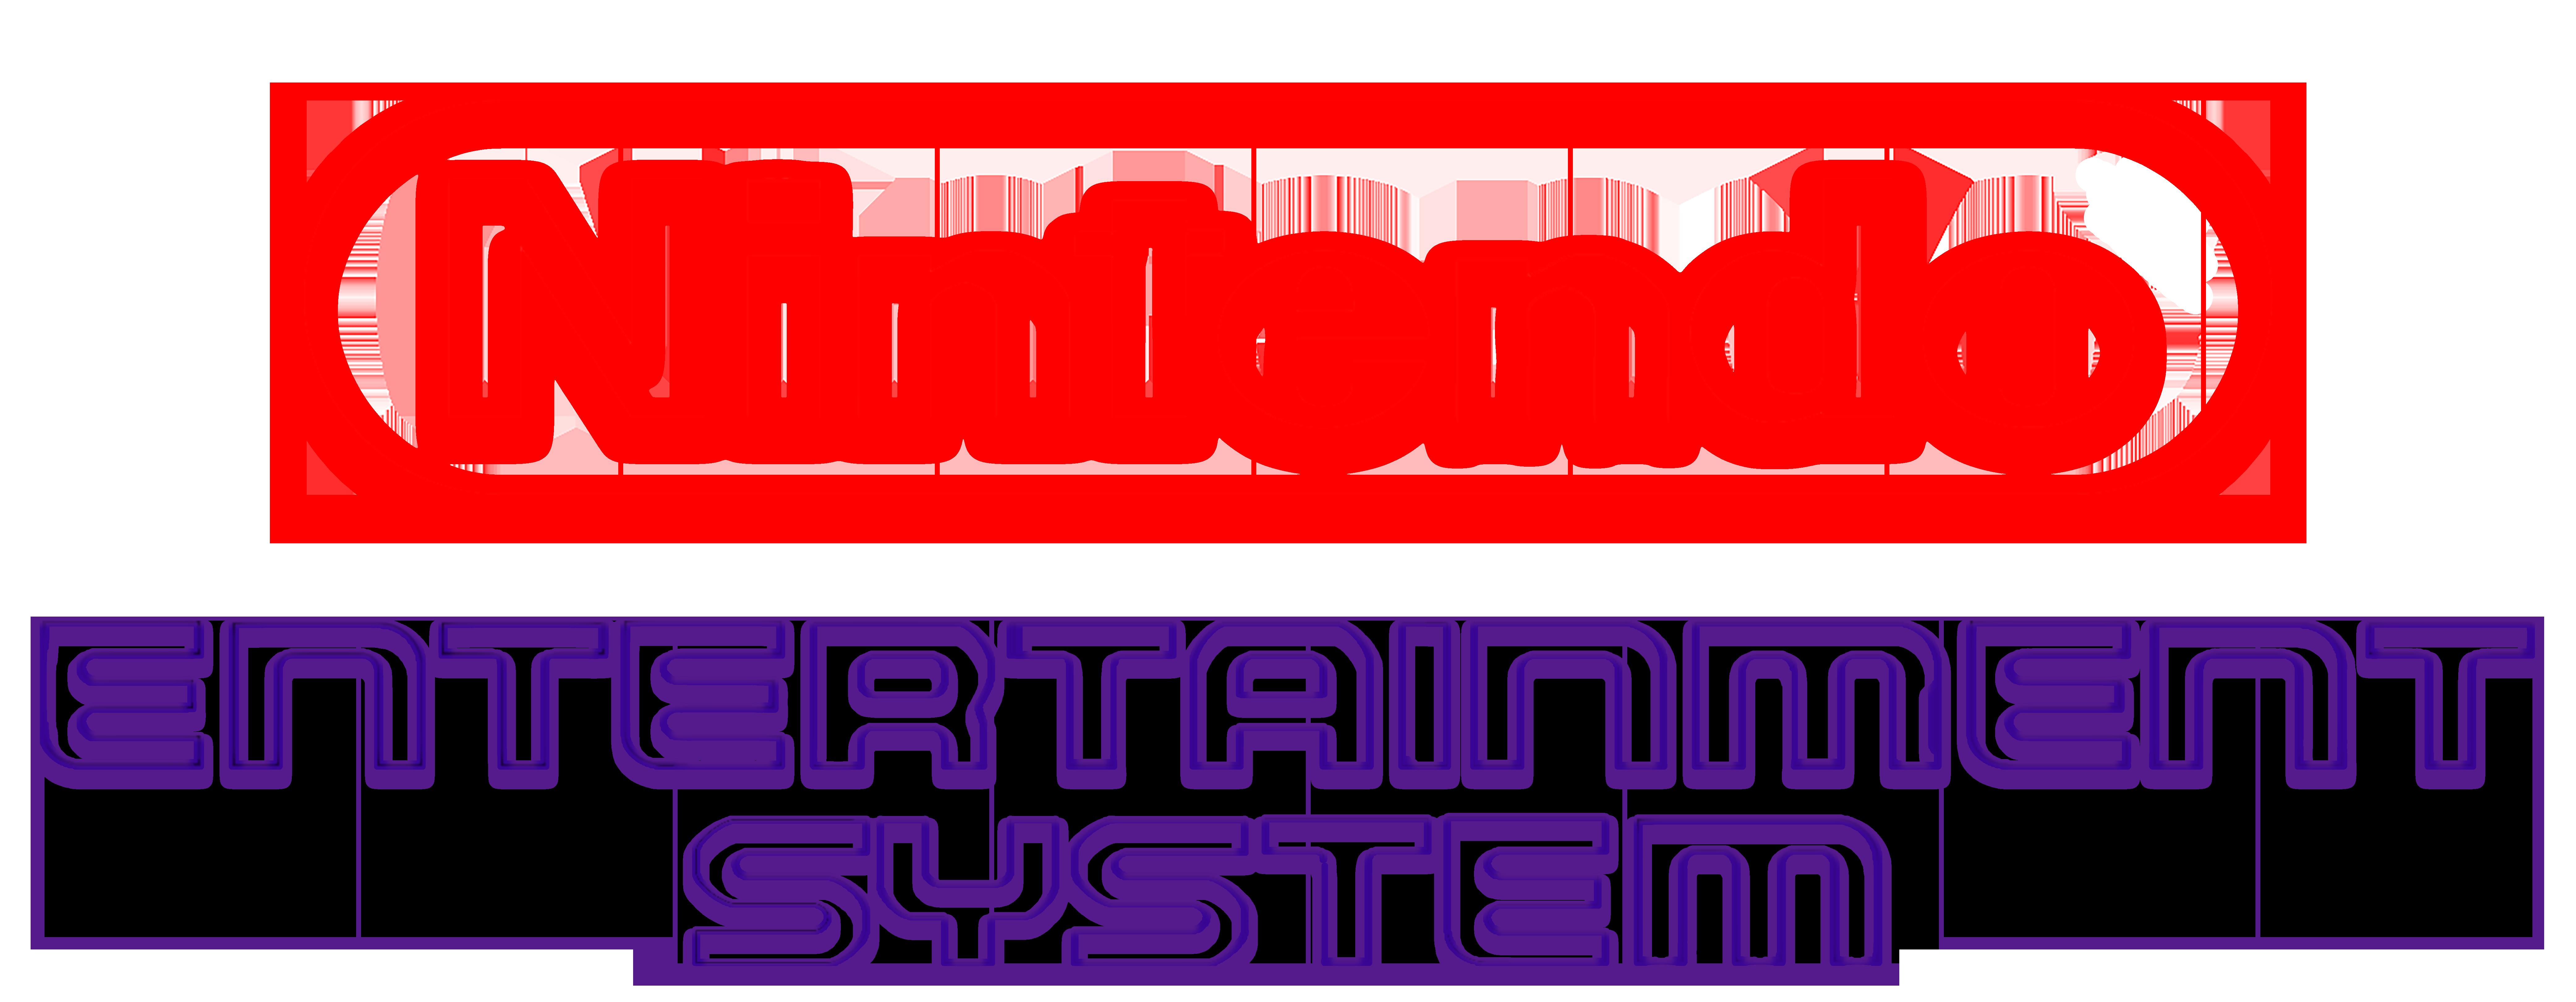 nintendo entertainment system logo png wwwimgkidcom